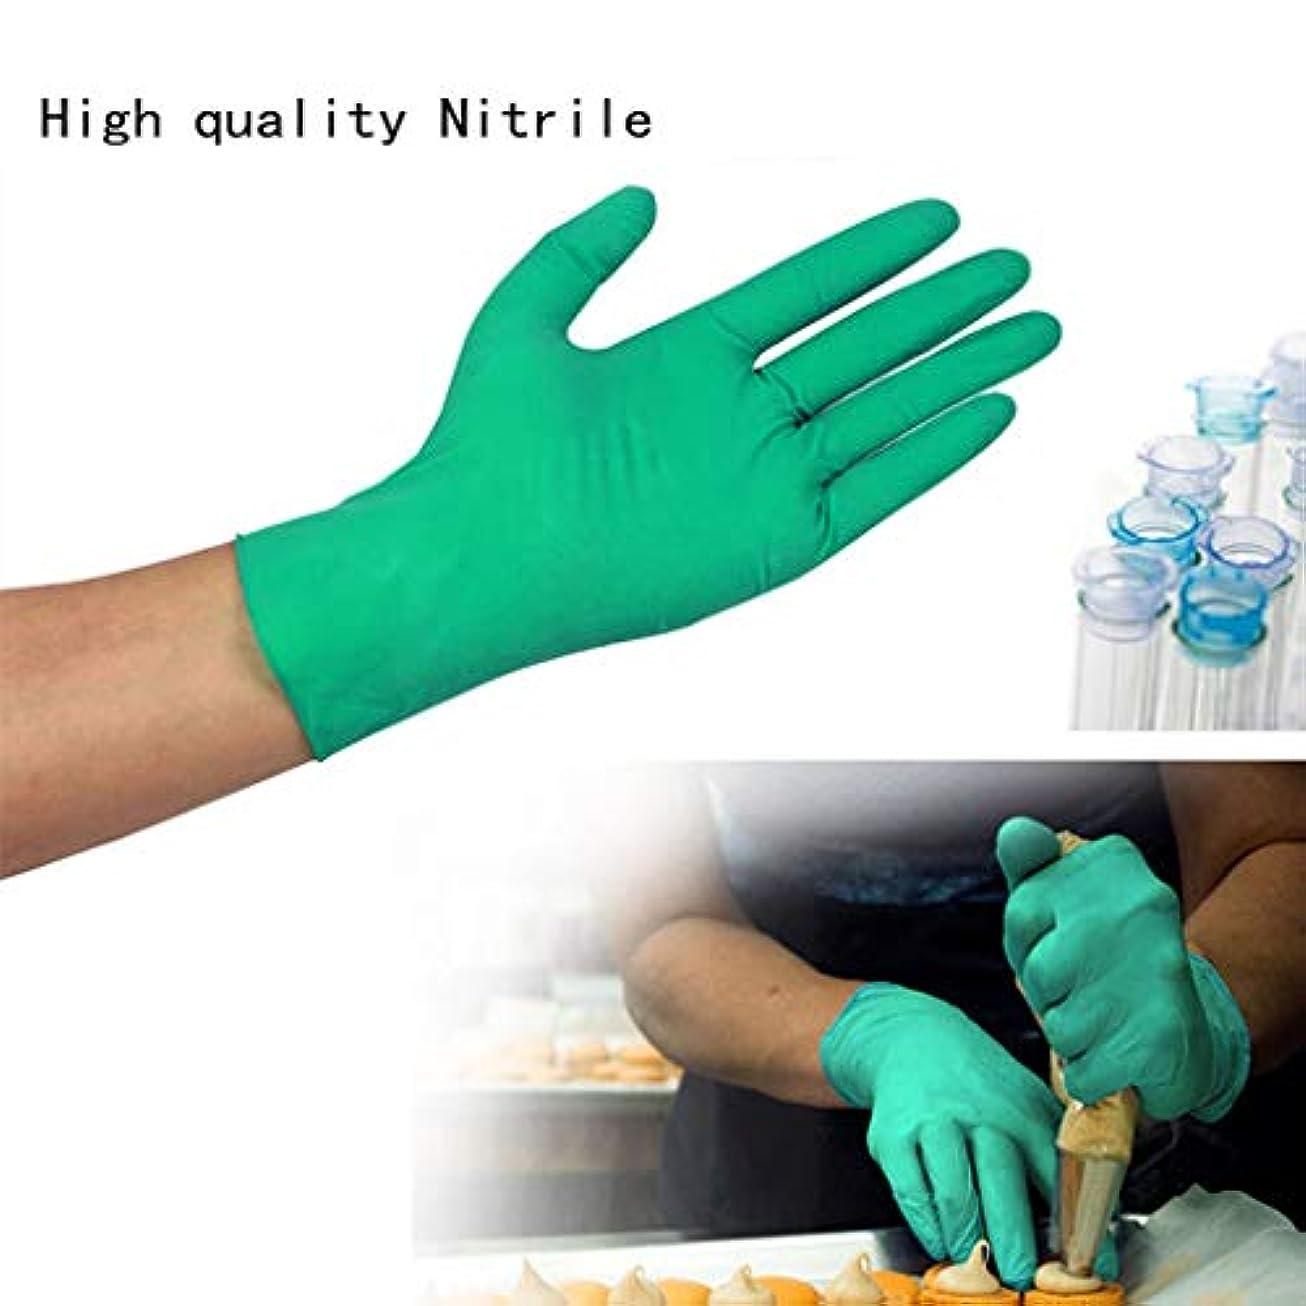 リンクチップMittsニトリル手袋、パウダーフリー、ラテックスゴムフリー、使い捨て手袋 - 非滅菌、食品安全、医療用グレード、100PSの便利なディスペンサーパック、(追加強度)(S-L) (サイズ さいず : M m)